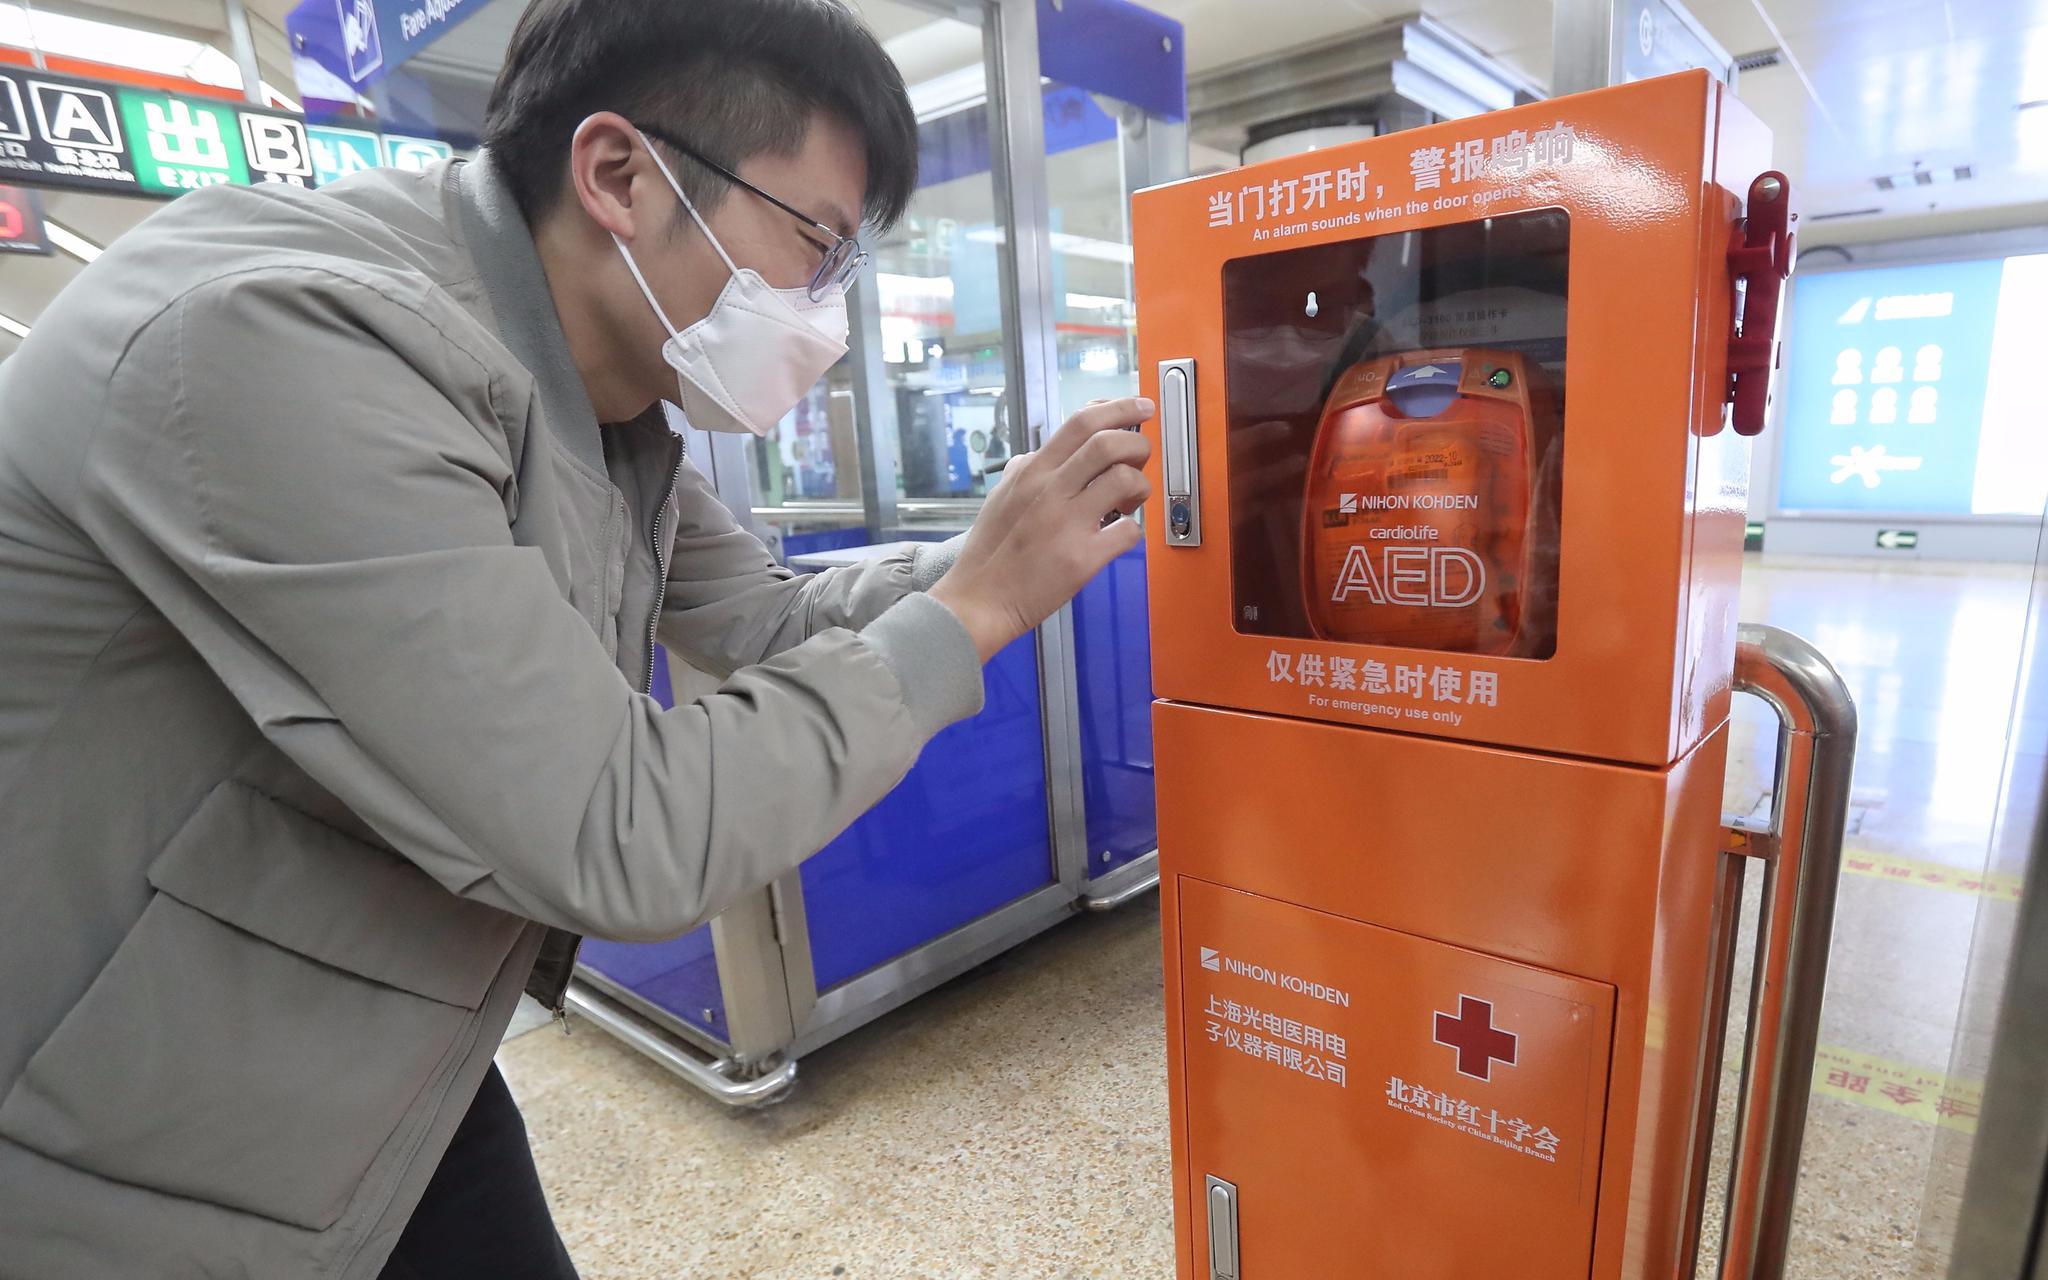 AED设备进入北京地铁 救人你敢用吗?图片